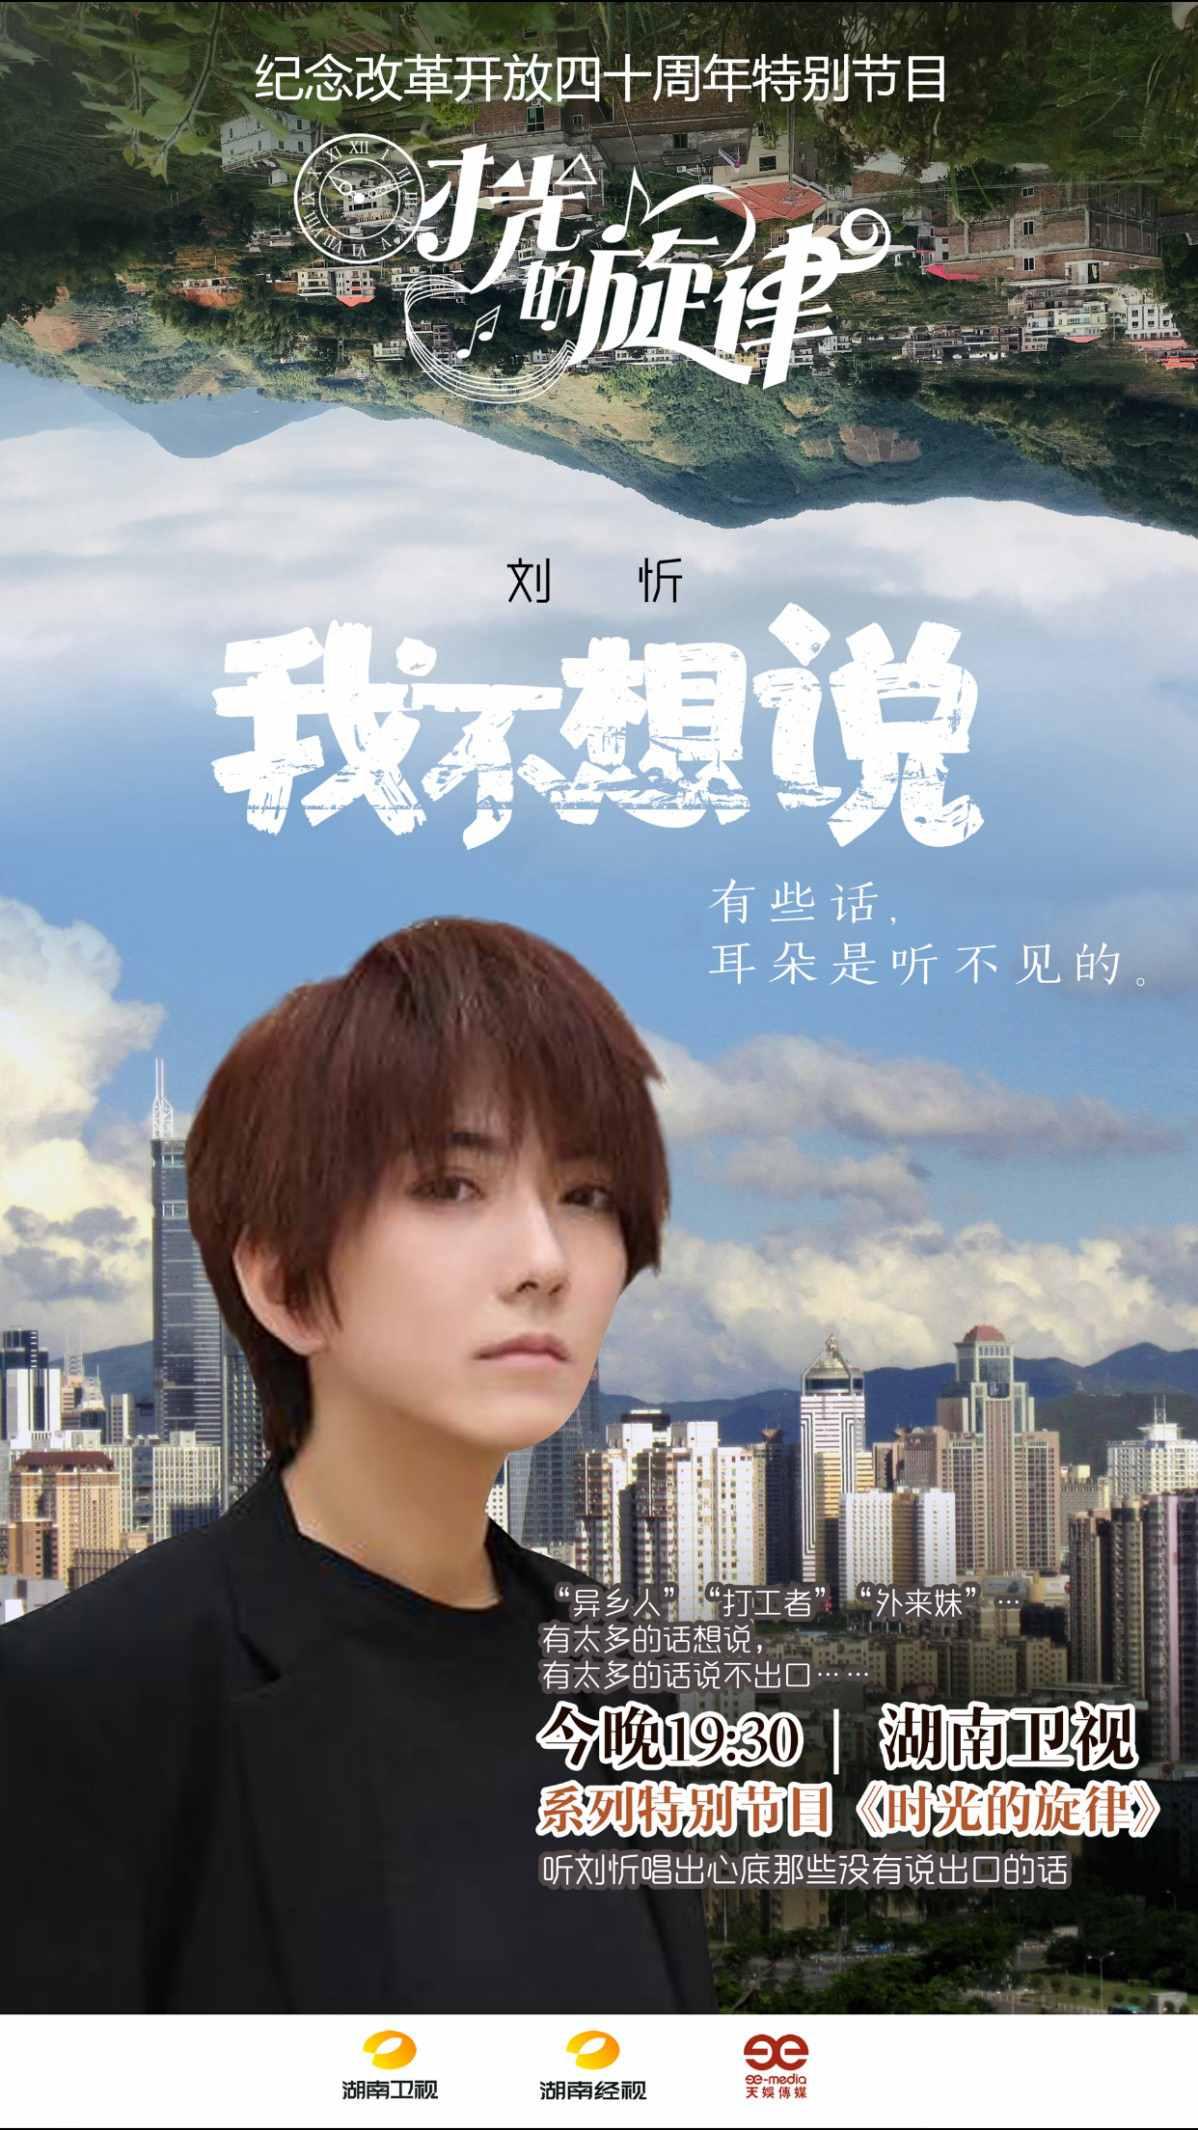 刘忻《我不想说》新唱 (1).jpg